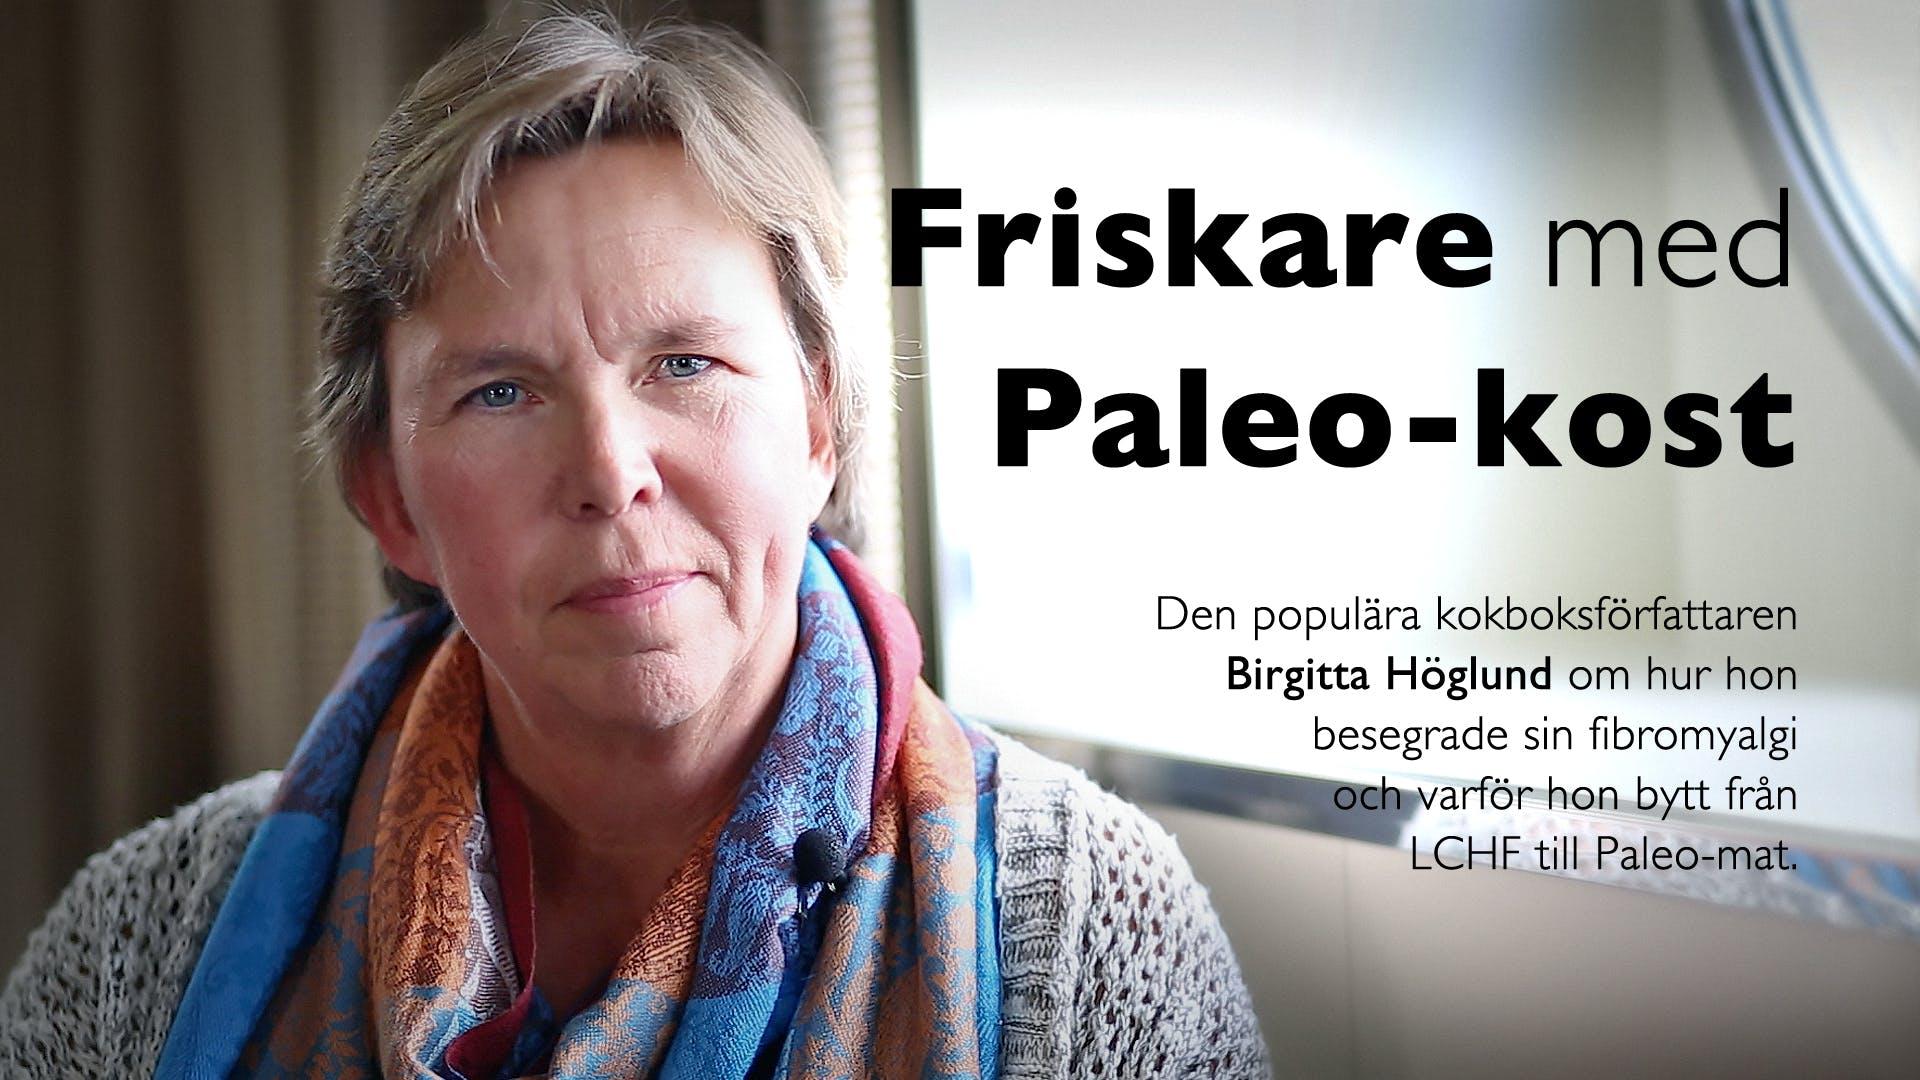 Birgitta Hoglund